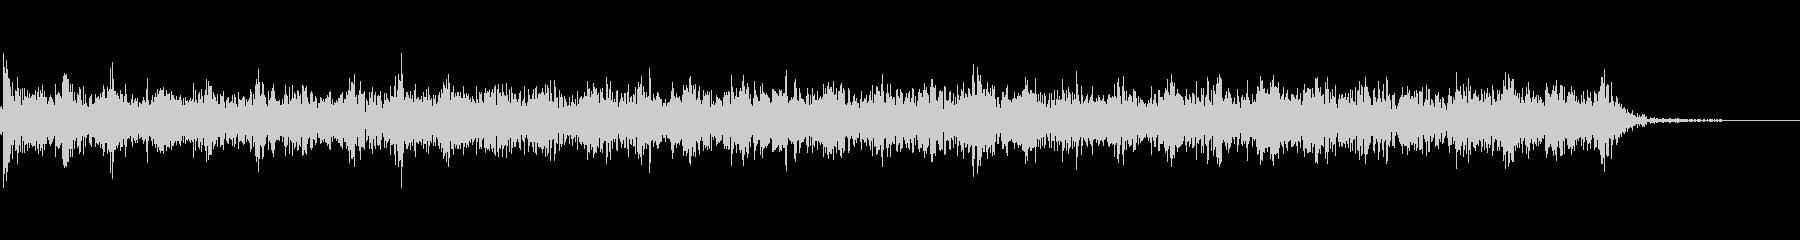 古い機械の起動音の未再生の波形